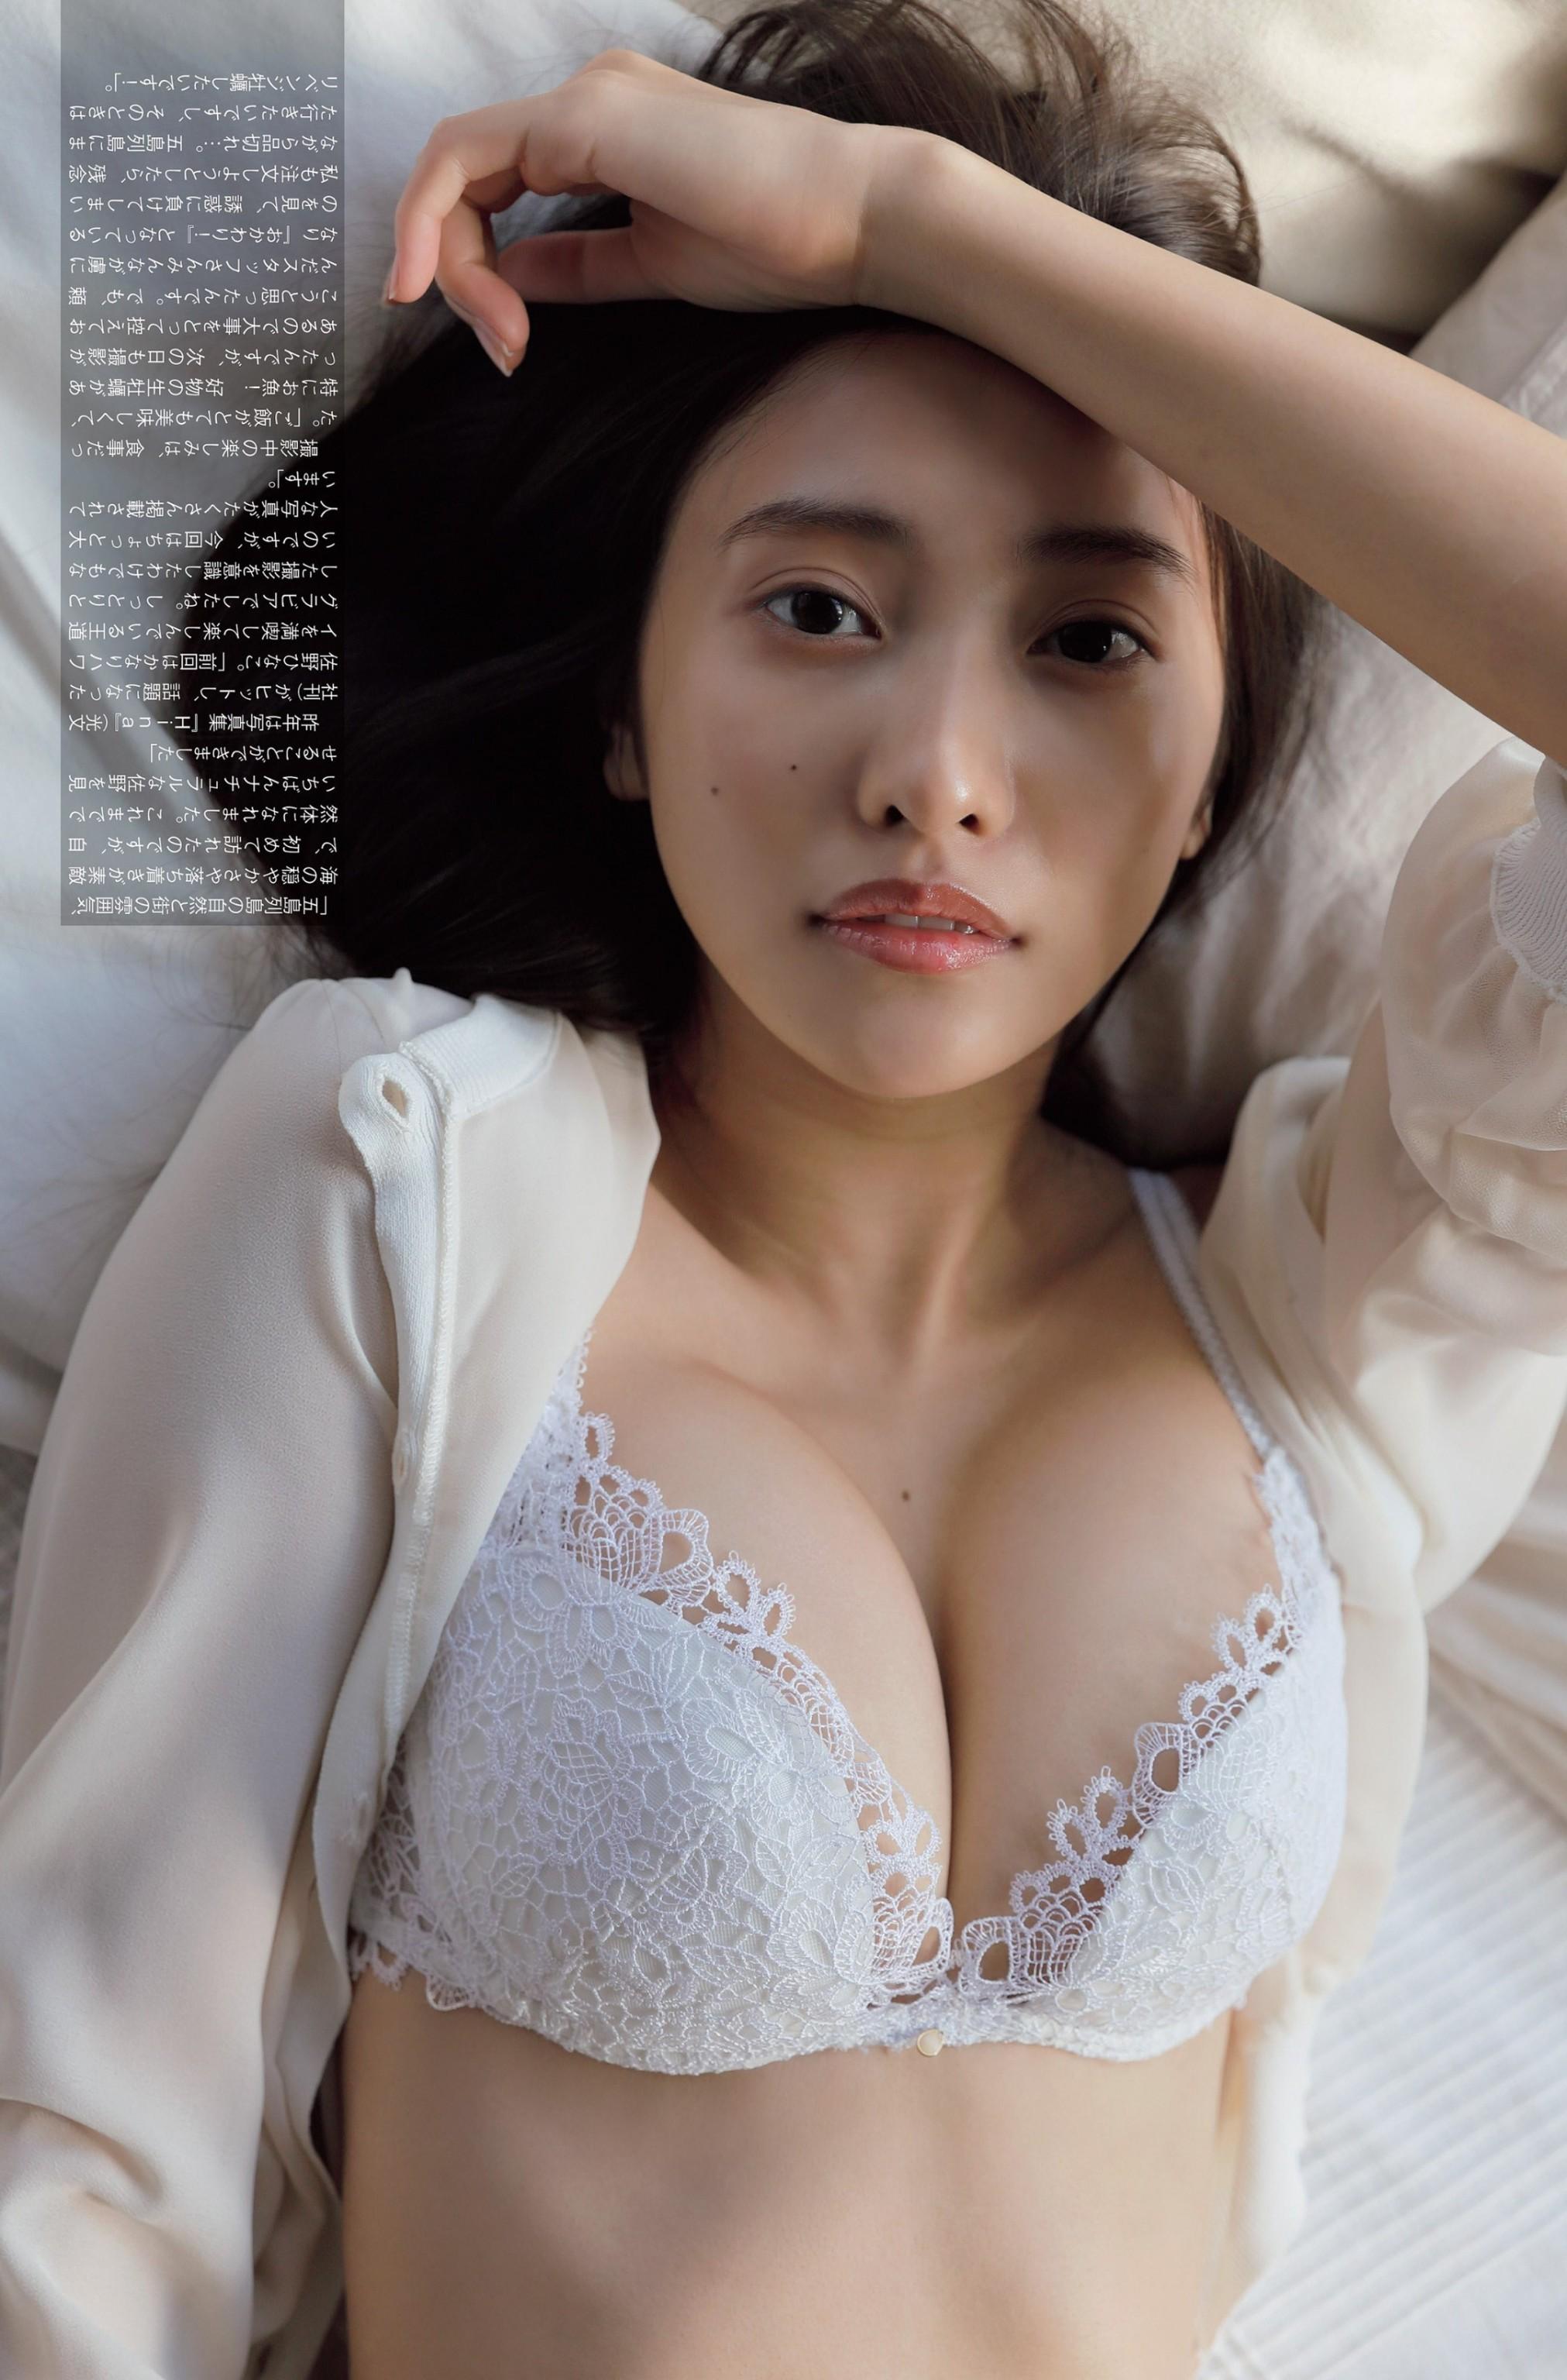 佐野雏子 _20210225235152_6